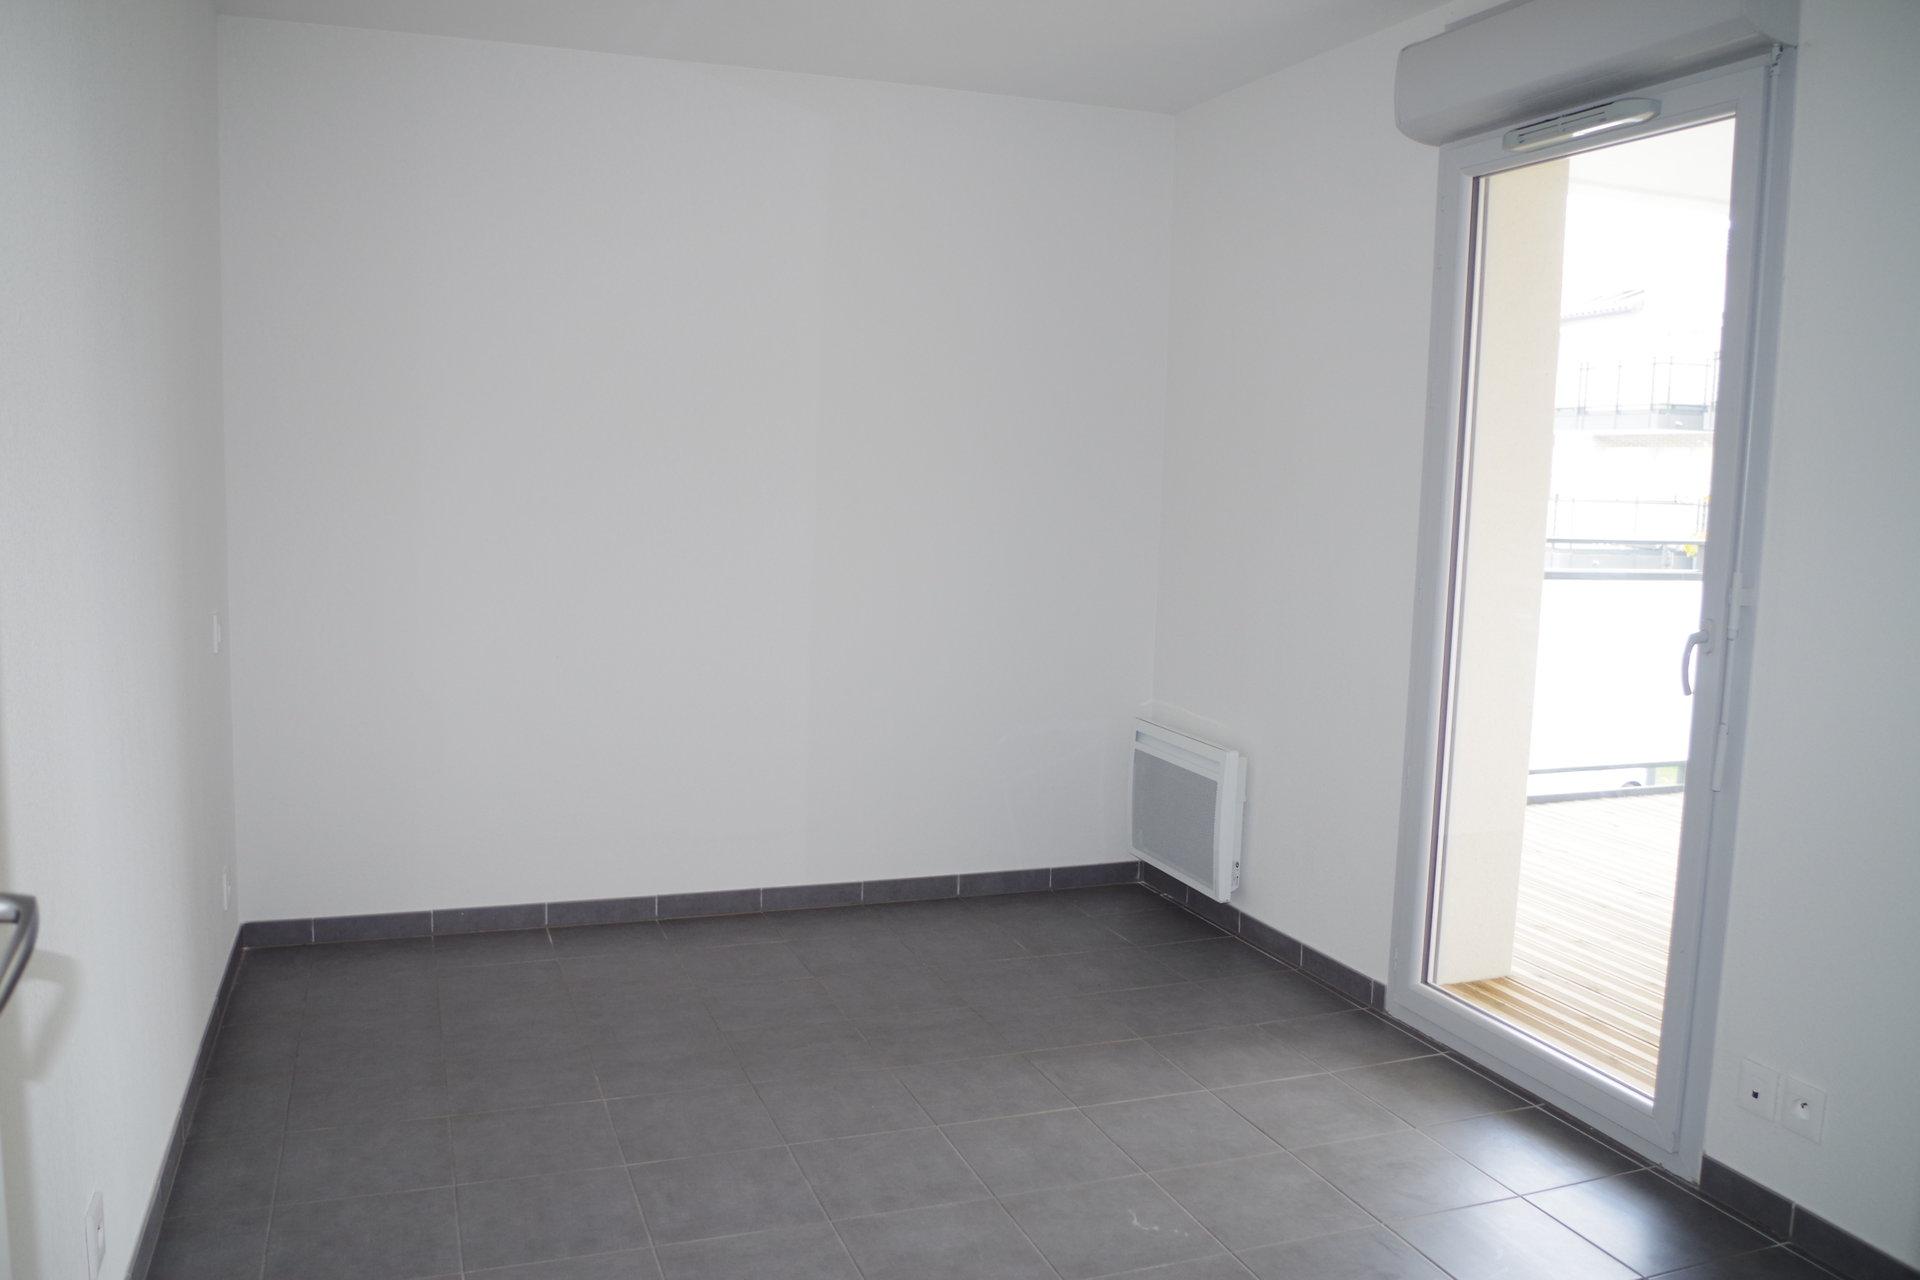 Appartement T3 - 63,93 m² - VILLENEUVE TOLOSANE